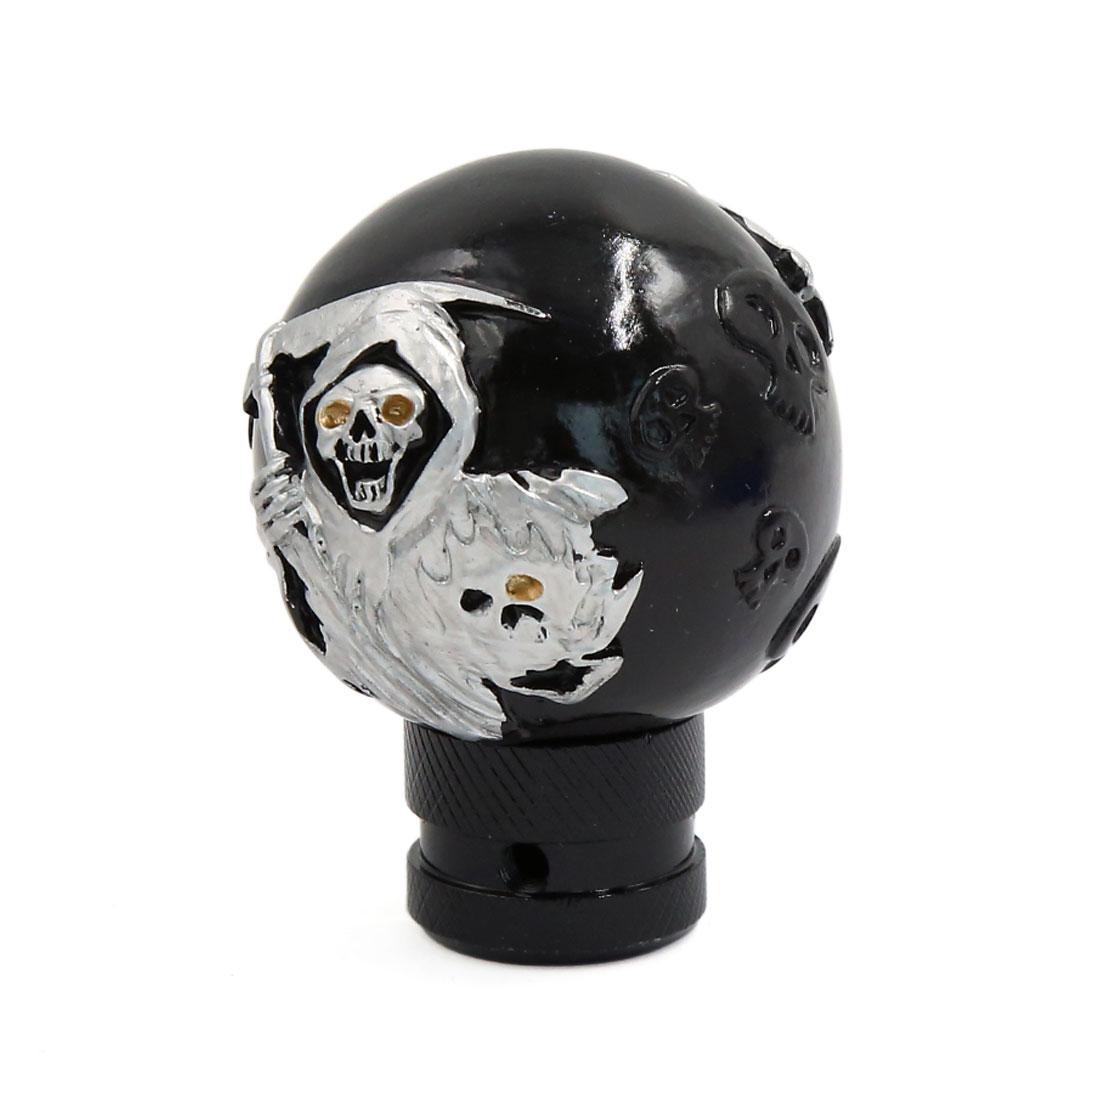 Black Skull Head Design Gear Shift Lever Knob for Auto Car